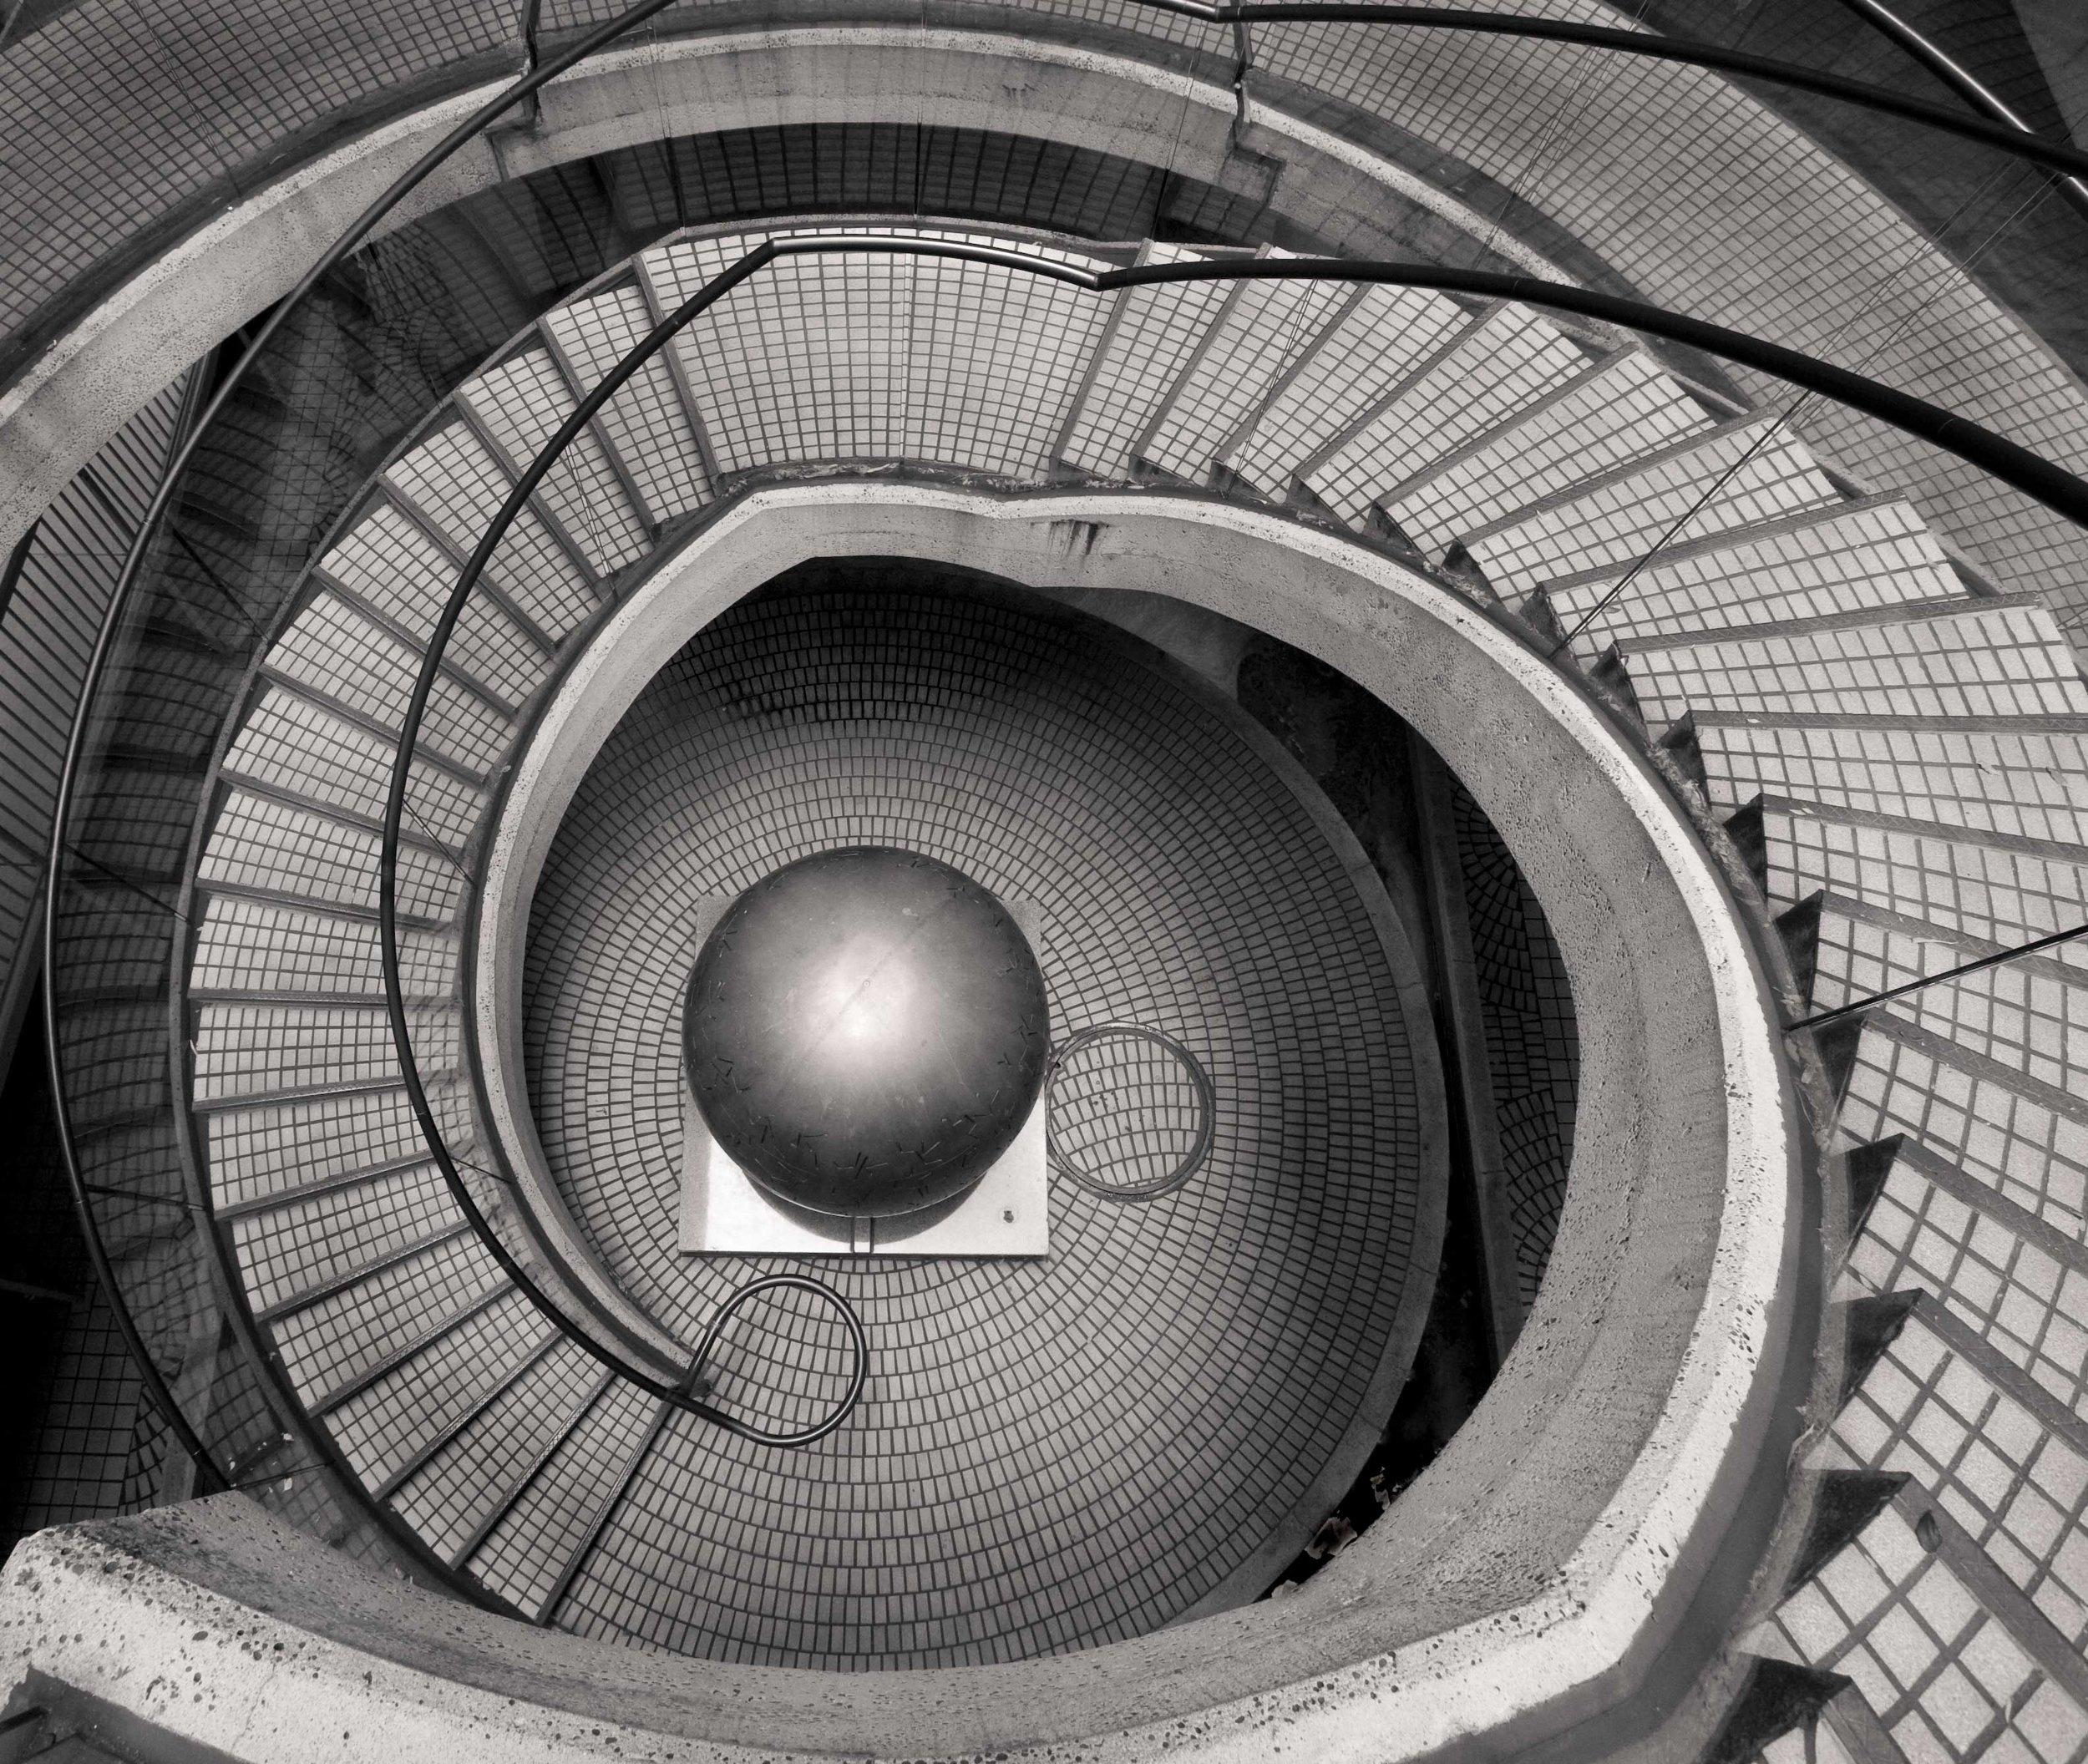 San Francisco Embarcadero spiral staircase